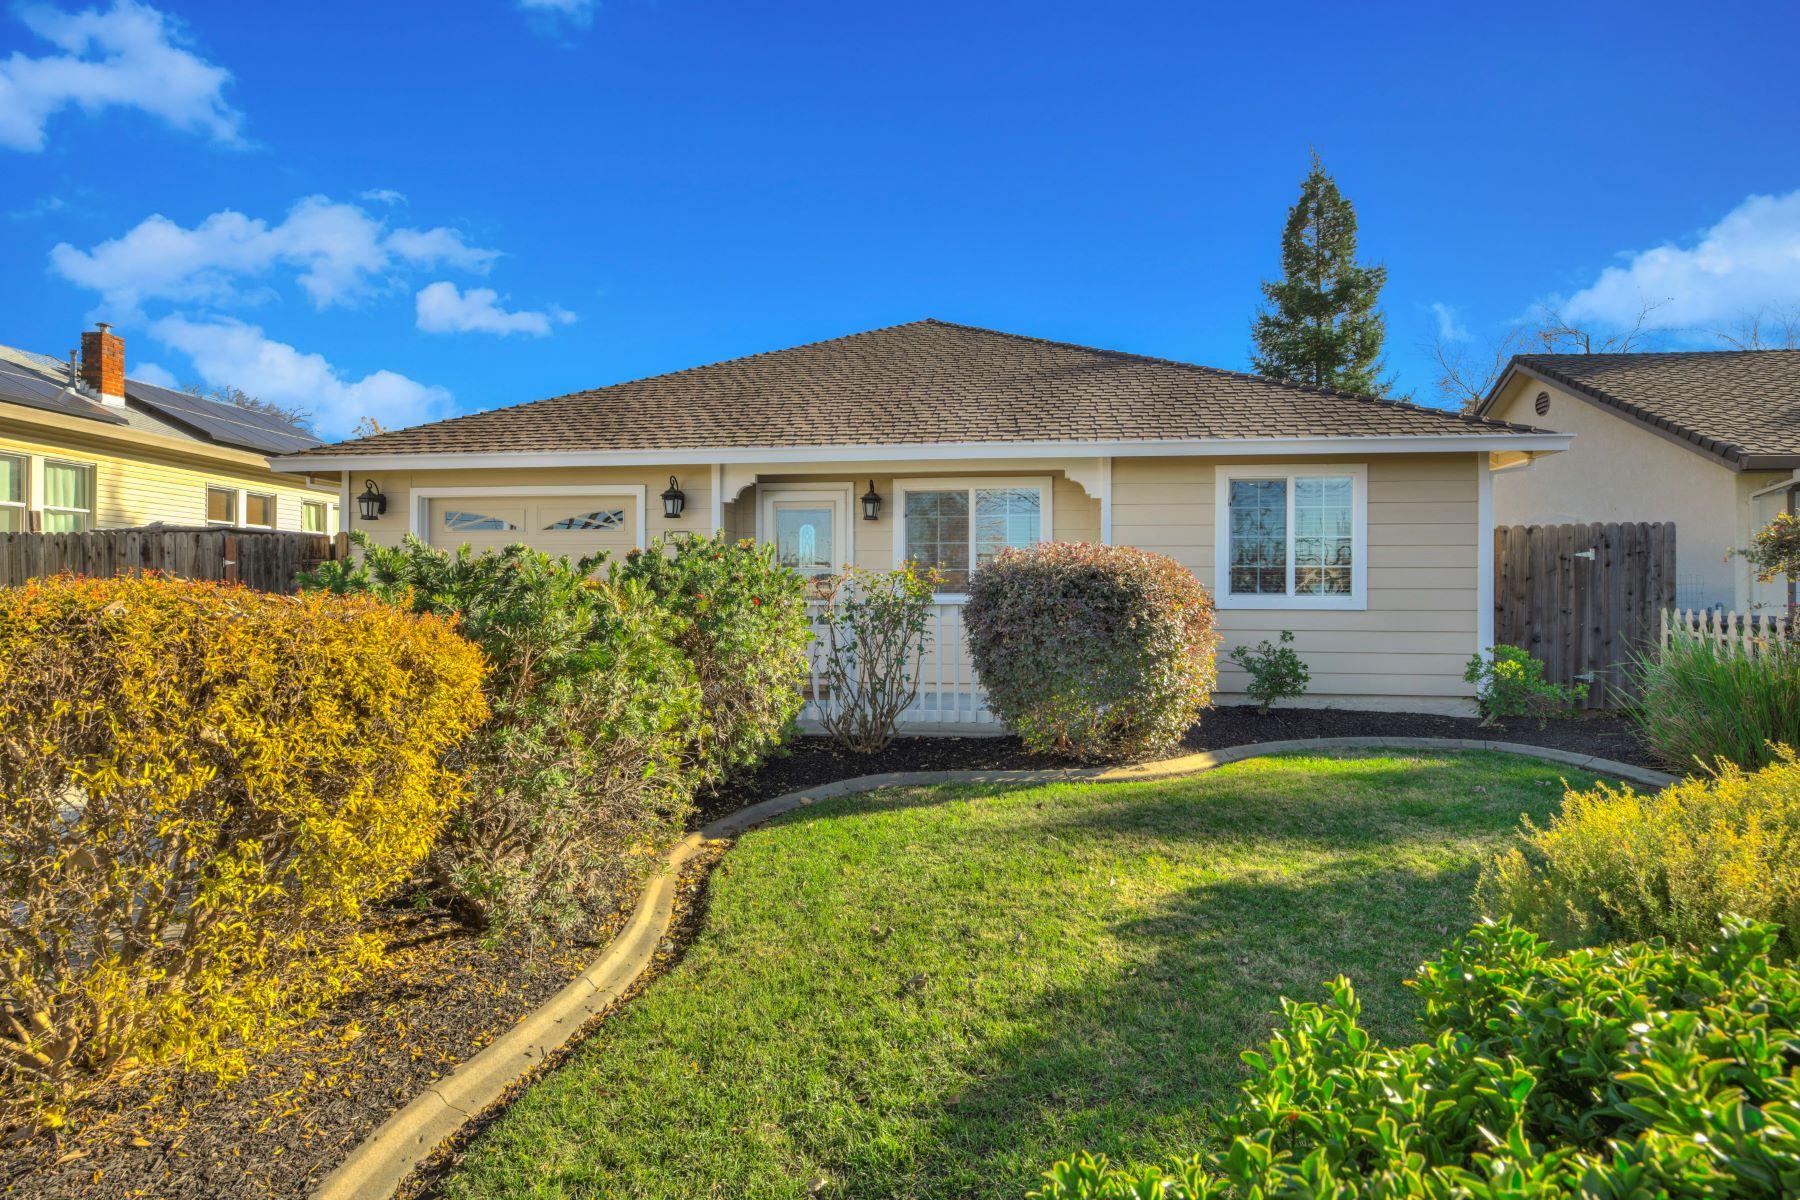 Casa Unifamiliar por un Venta en 850 Shearer Street, Roseville, CA 95678 850 Shearer Street Roseville, California 95678 Estados Unidos